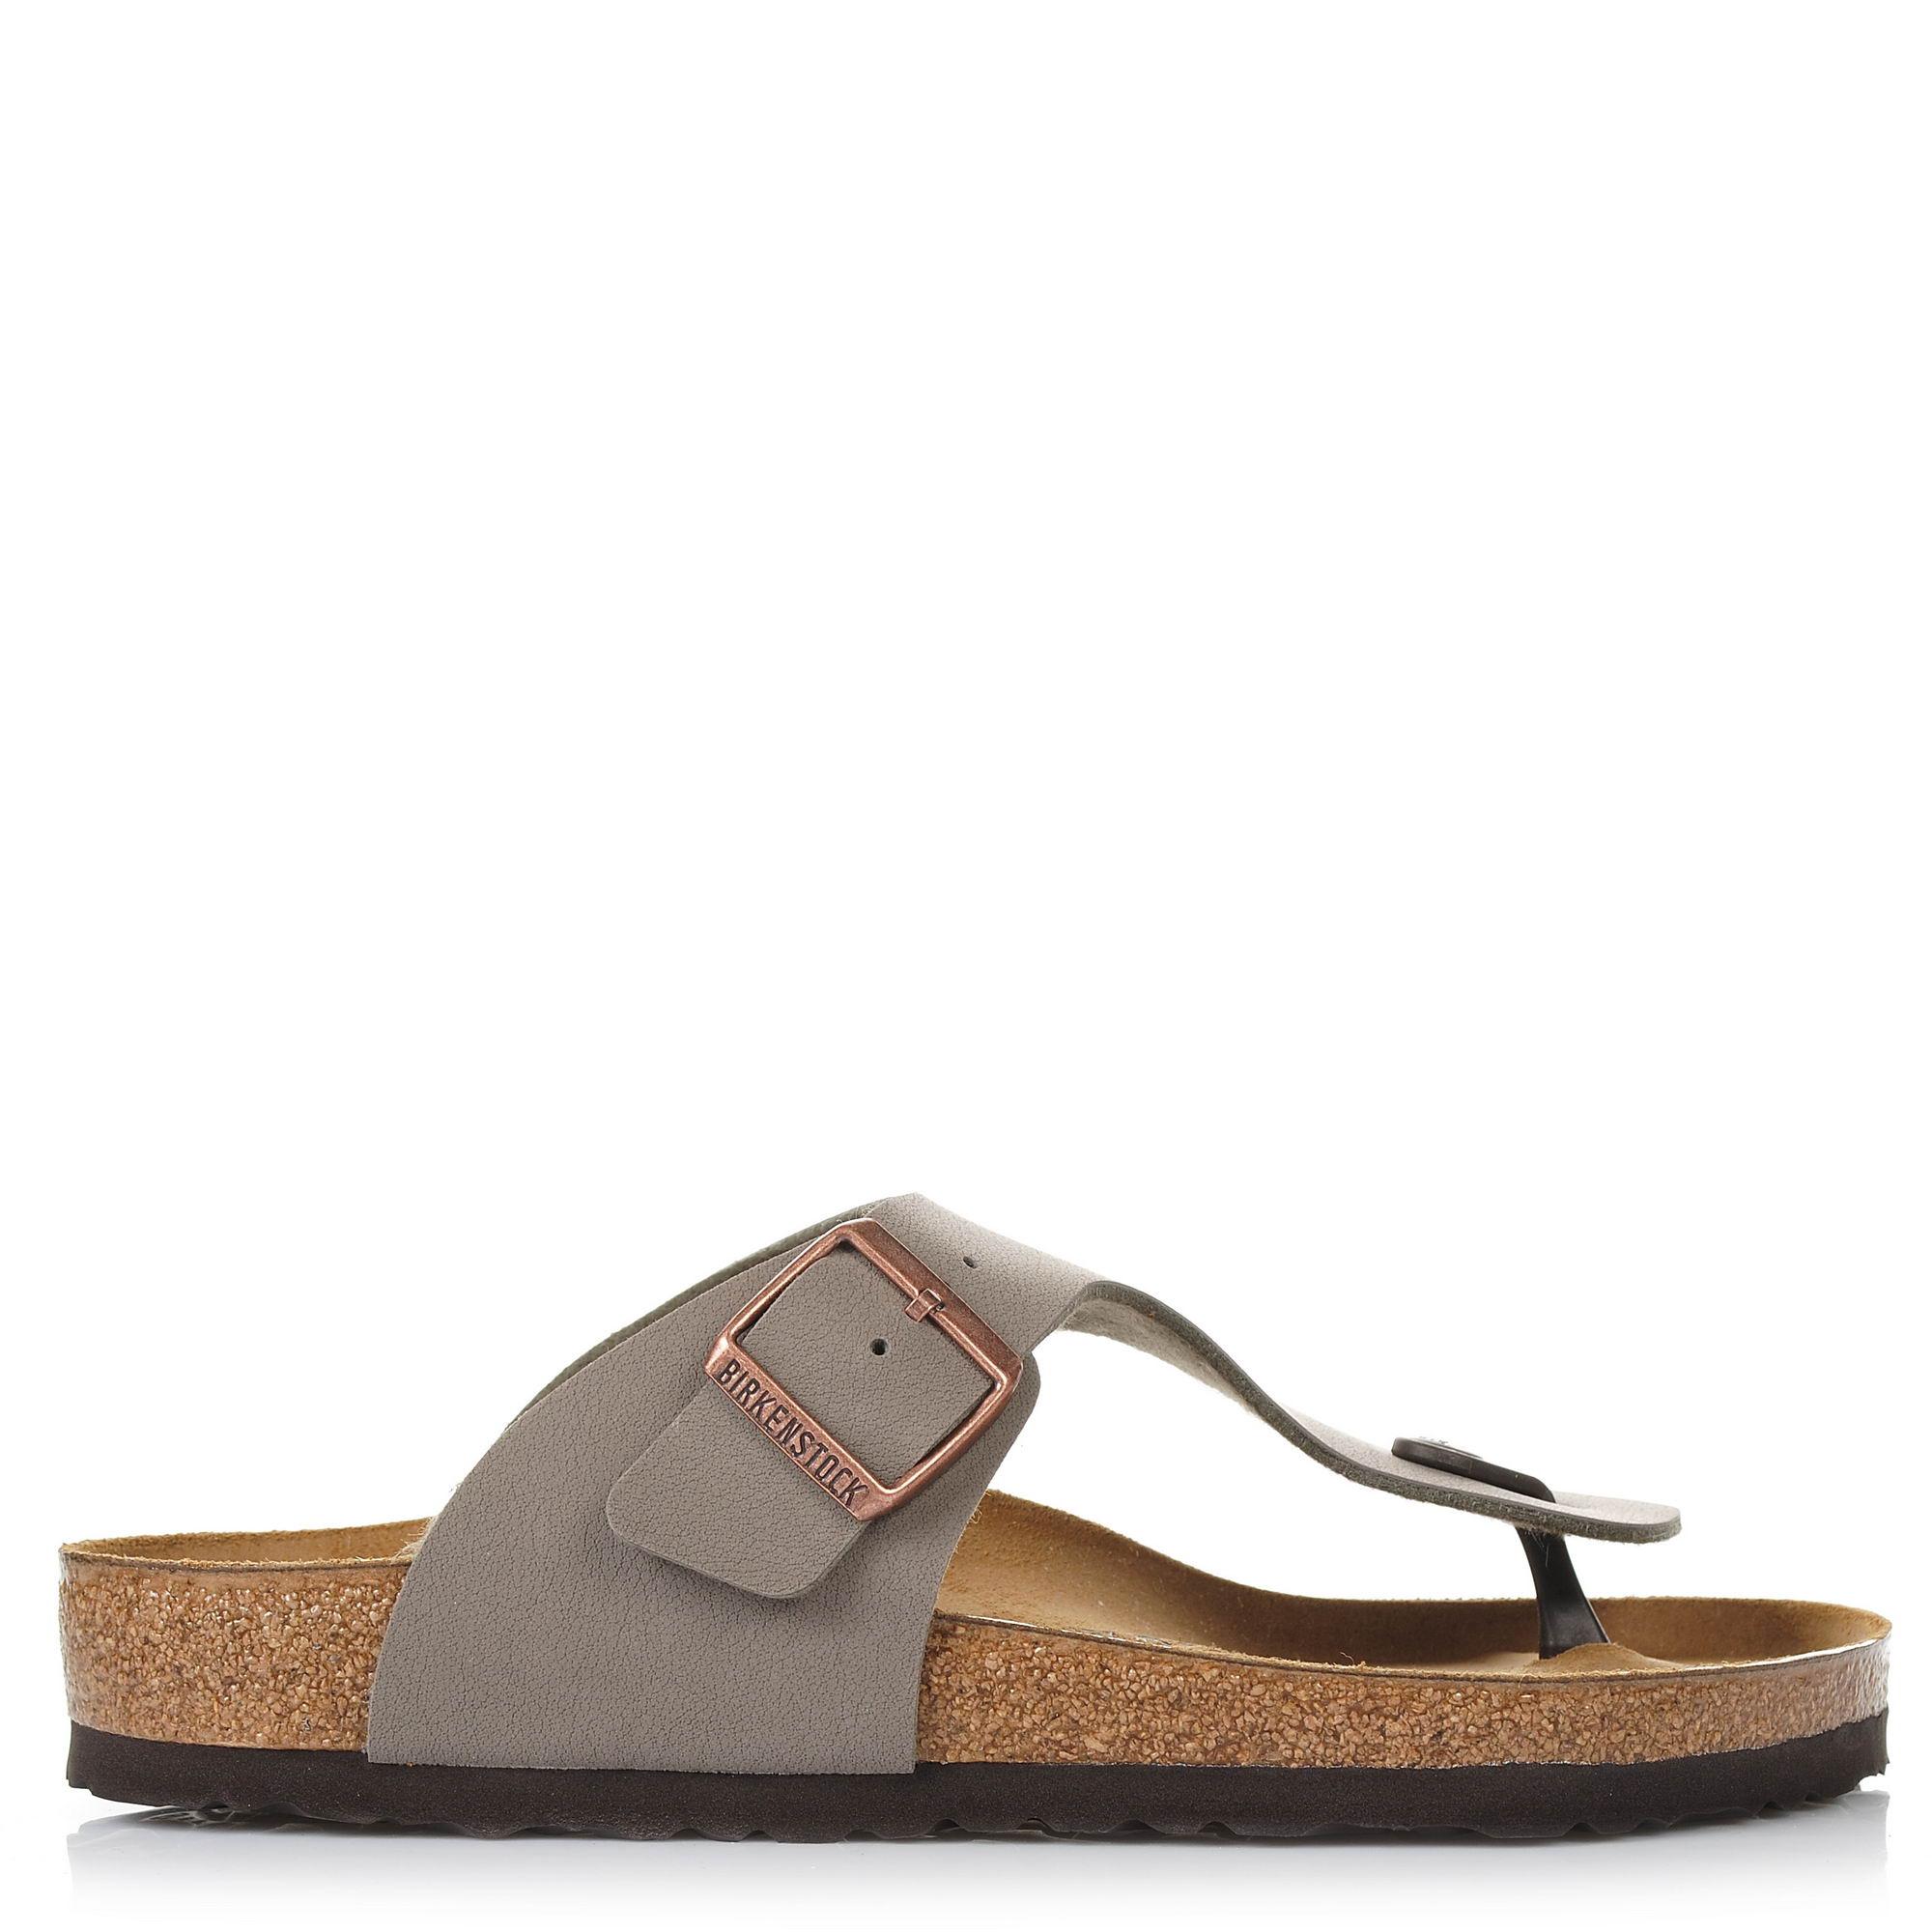 Σανδάλια Birkenstock Ramses BS 0044051 ανδρας   ανδρικό παπούτσι